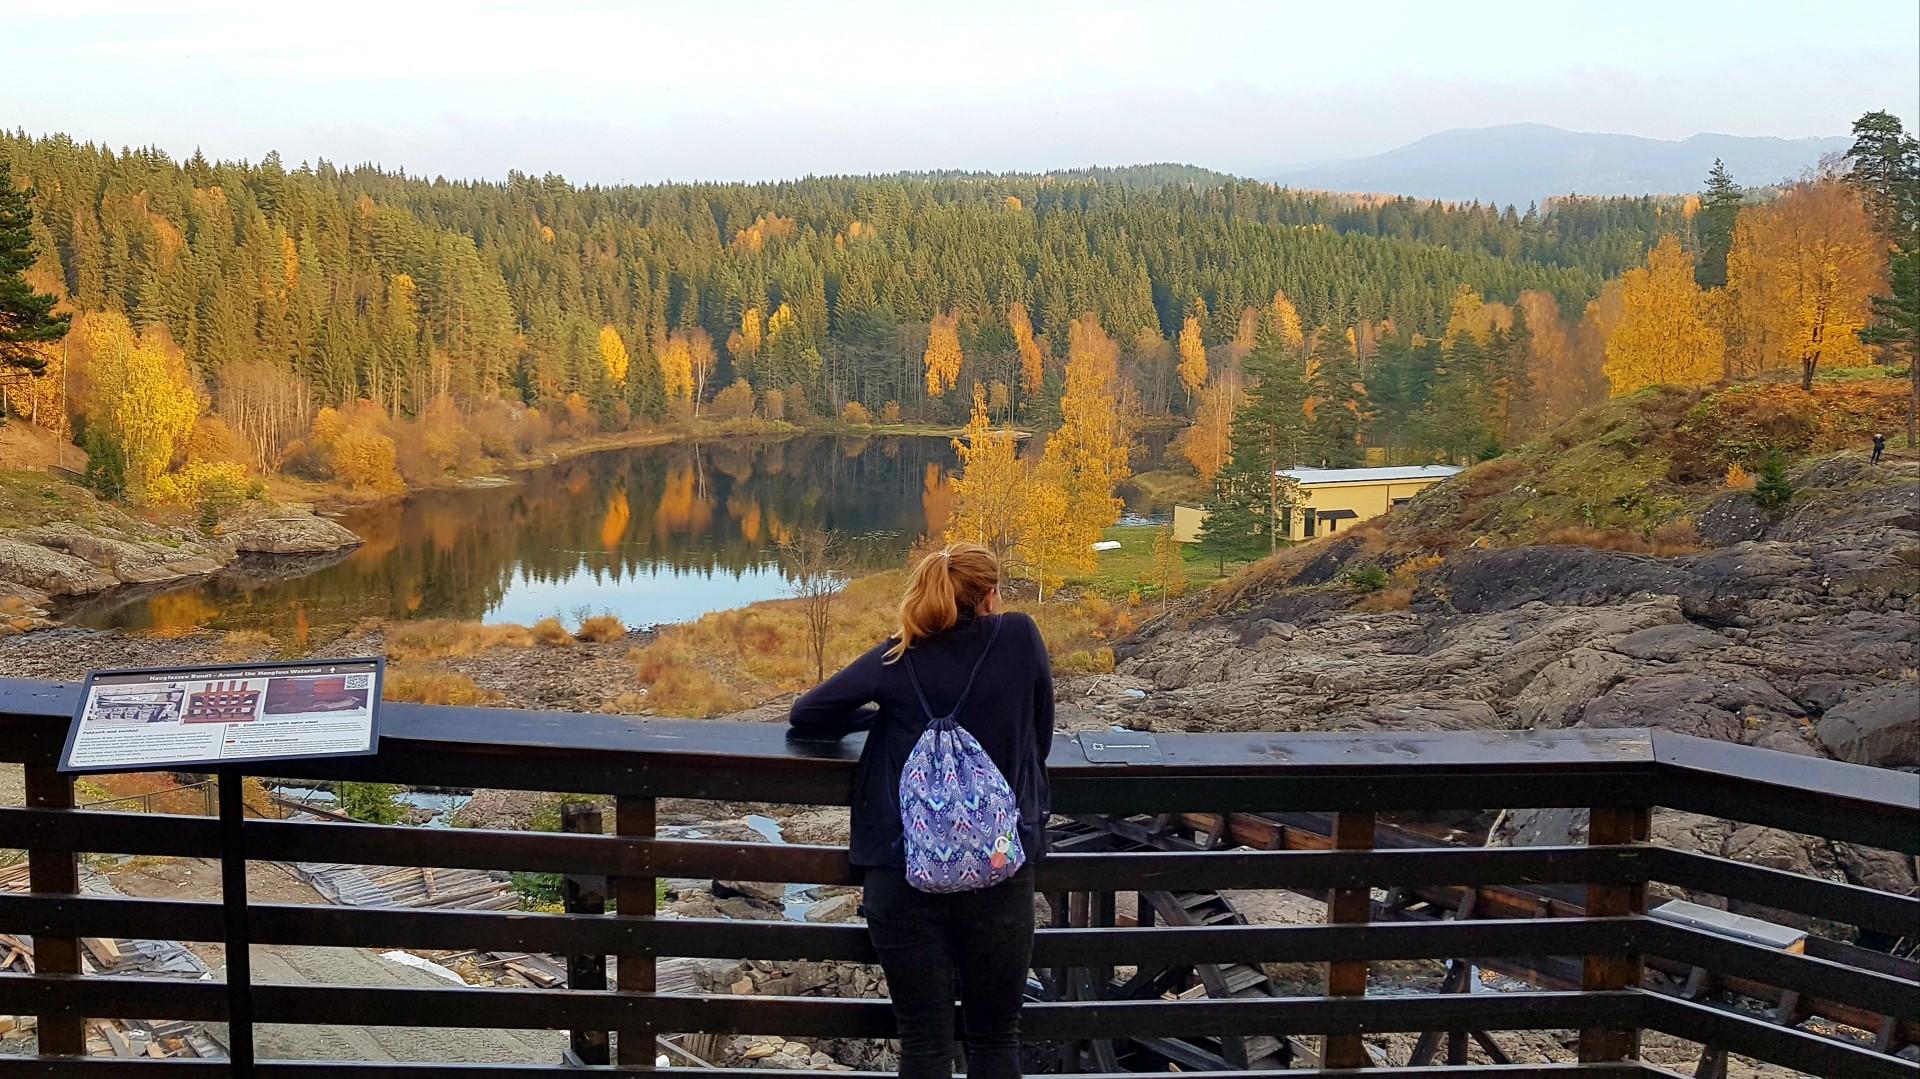 Dziewczyna stojąca przy barierce i podziwiająca piękne jesienne widoki.